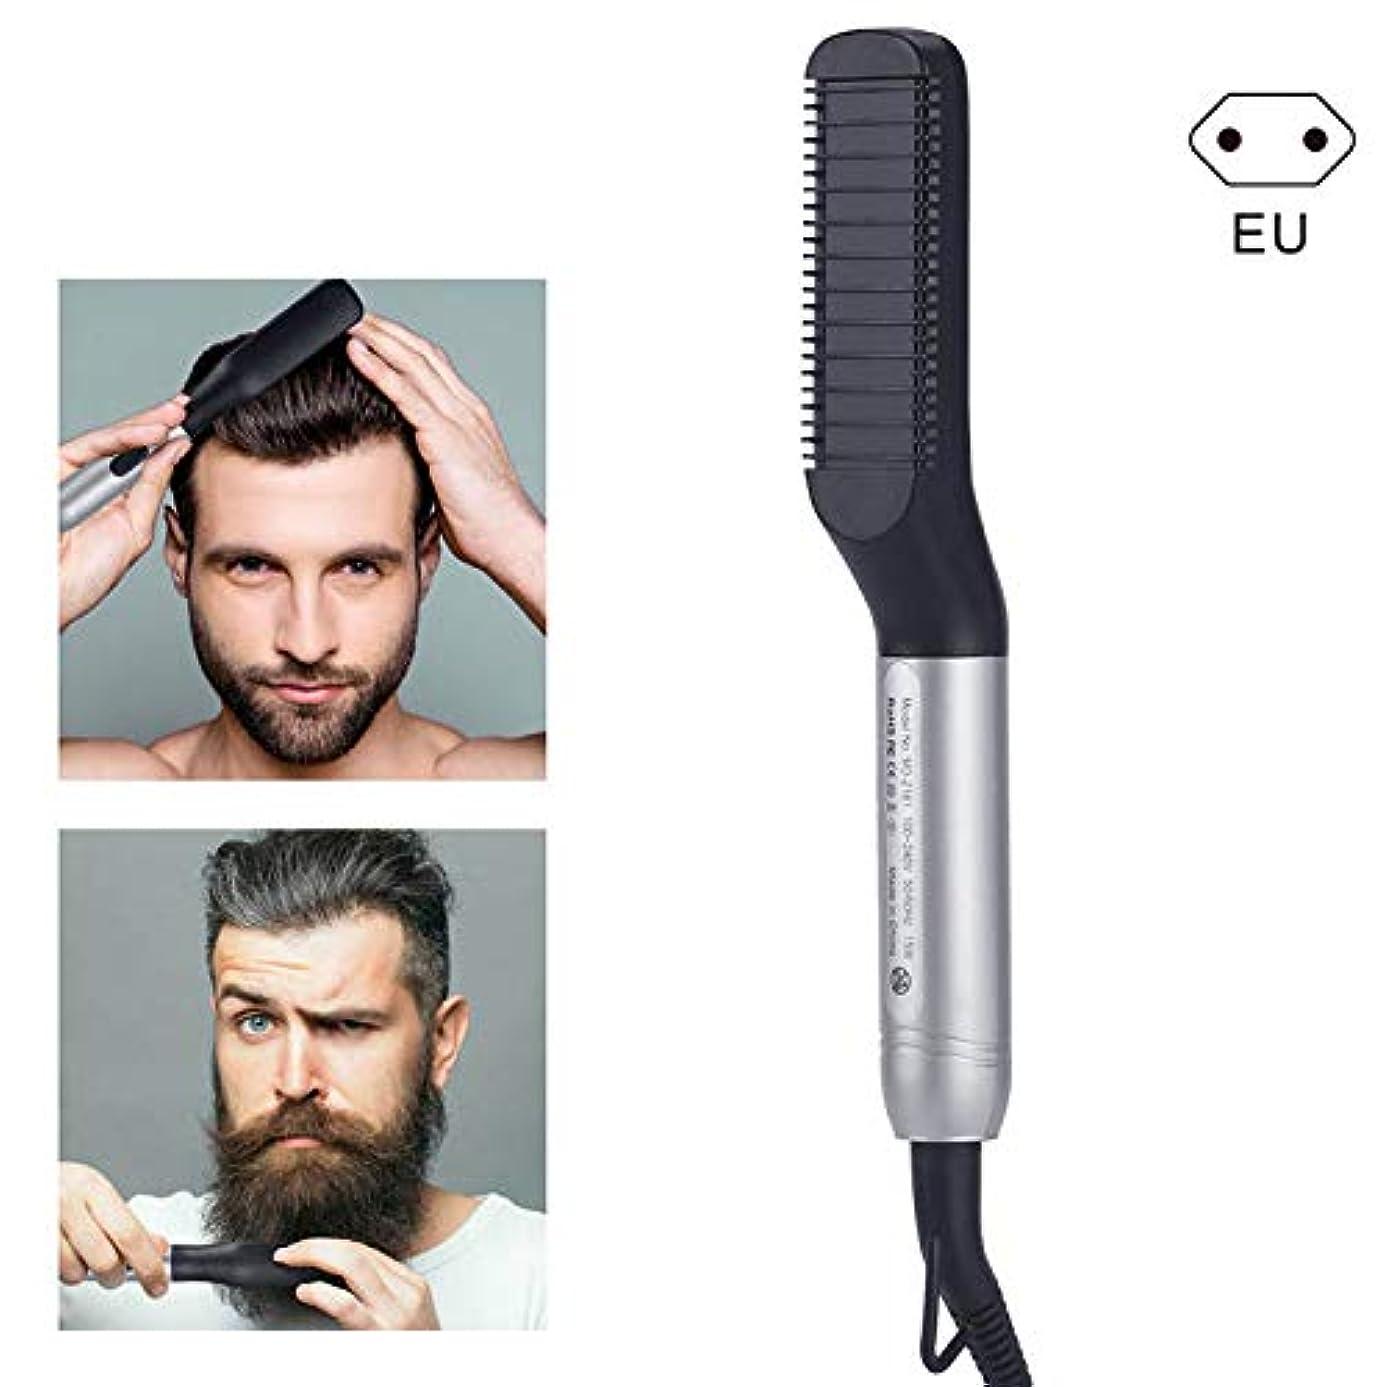 逮捕パズル腹BULemon2ブロック多機能形くし電動ひげ矯正ブラシメンズ多機能あごひげ髪櫛便利